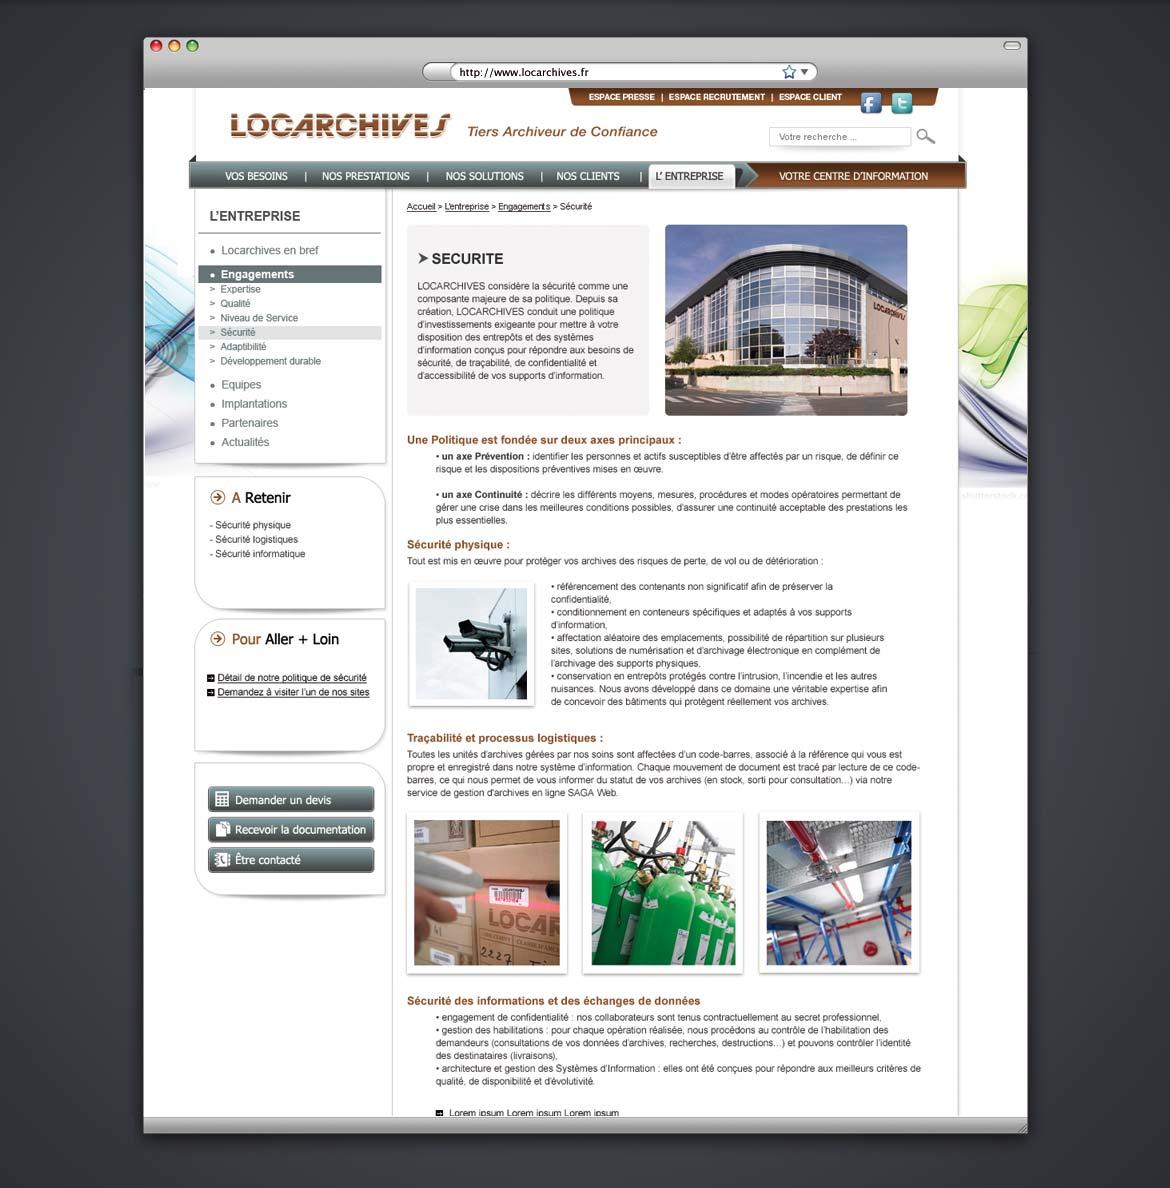 Présentation du web design de la page sécurité